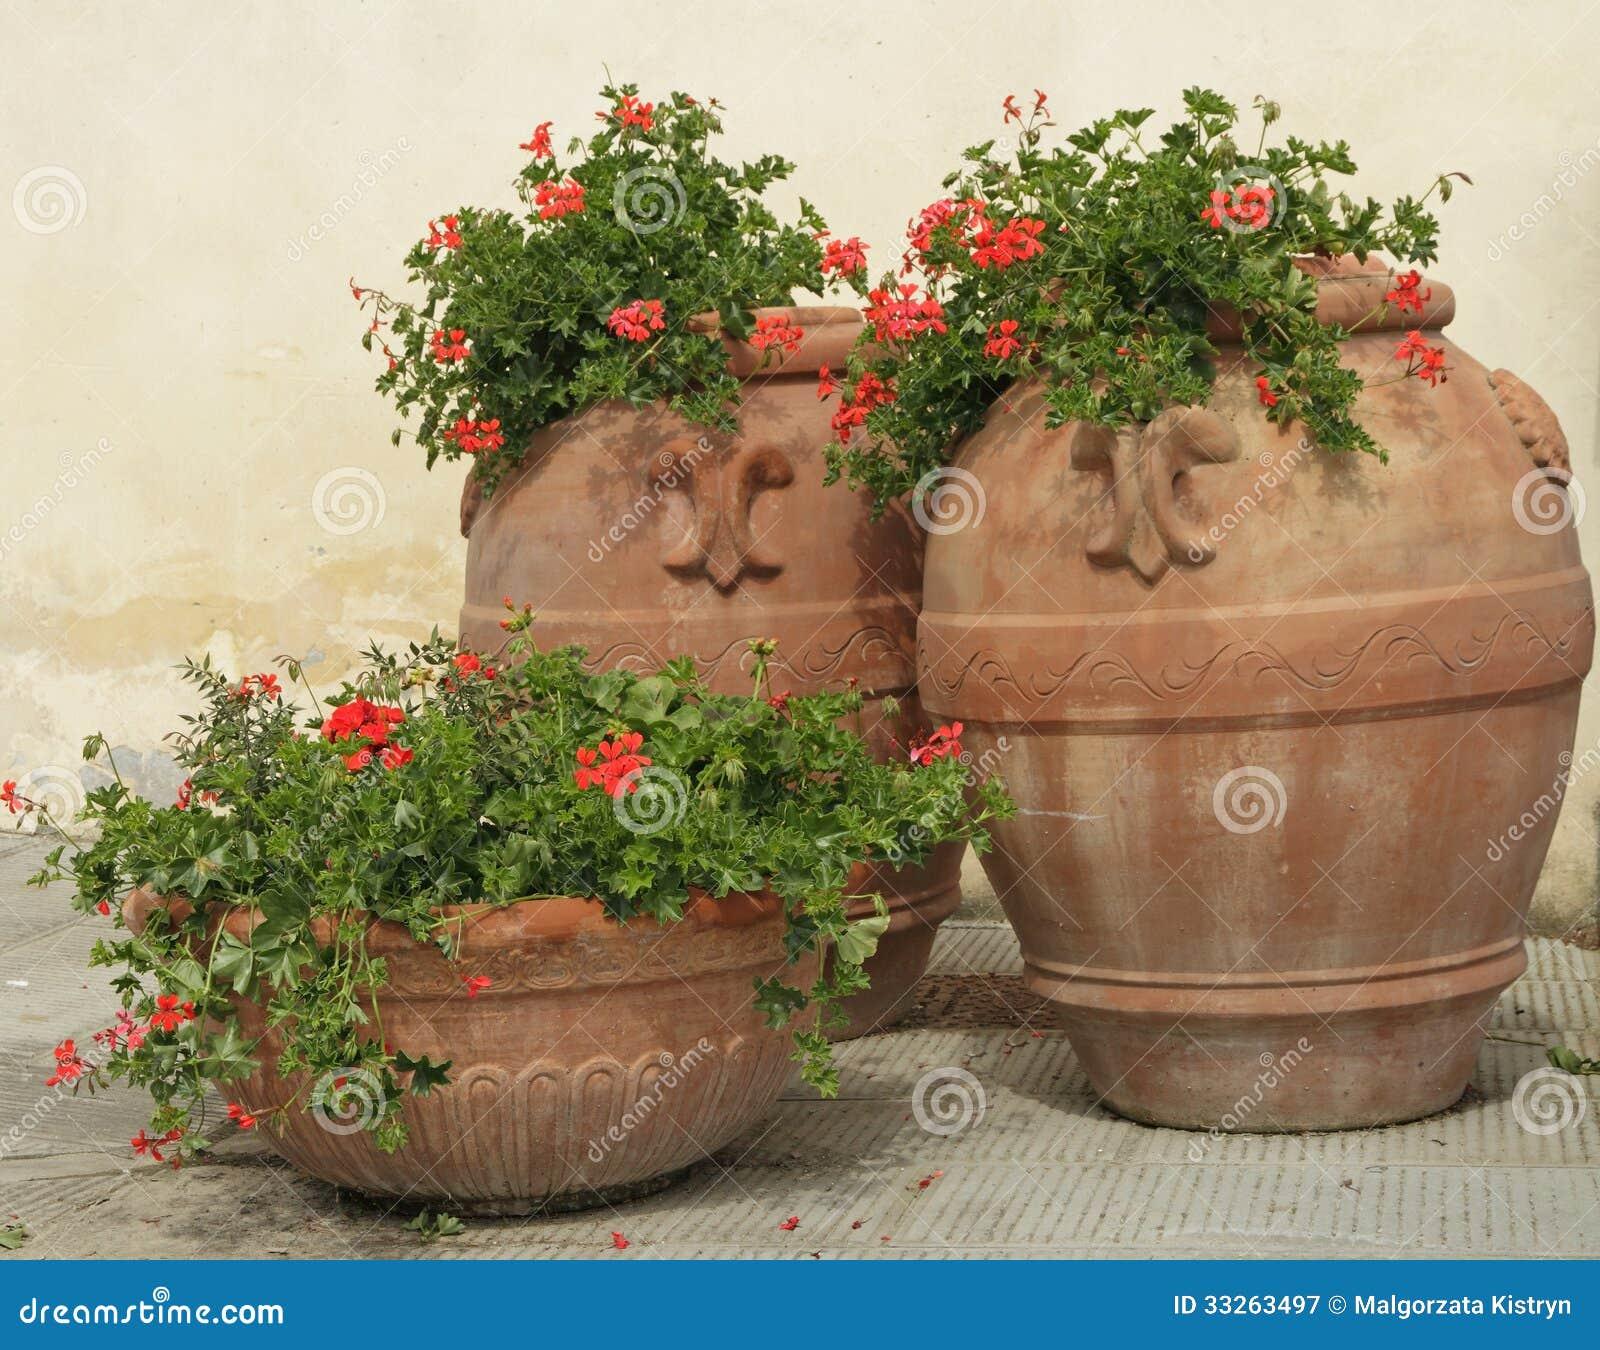 Vasi Da Giardino In Terracotta. Latest Vaso Da Fiori Terracotta ...